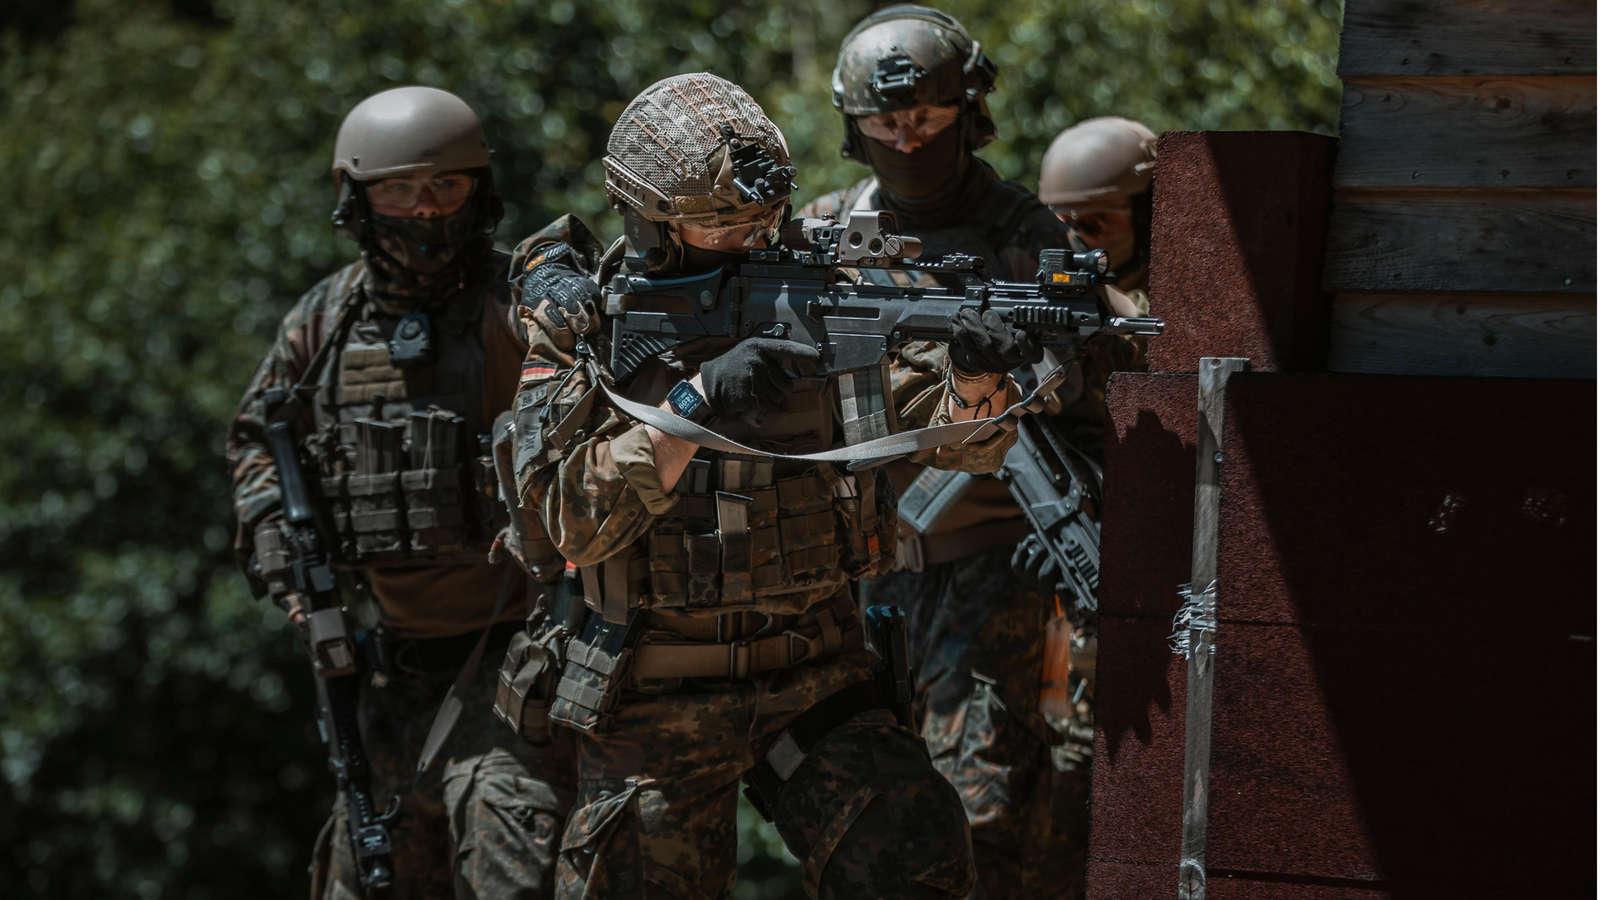 """Γερμανία: """"Συναγερμός"""" στις Ειδικές Δυνάμεις – Οι σχέσεις με την ακροδεξιά και η πιθανή διάλυση τους [pics]"""